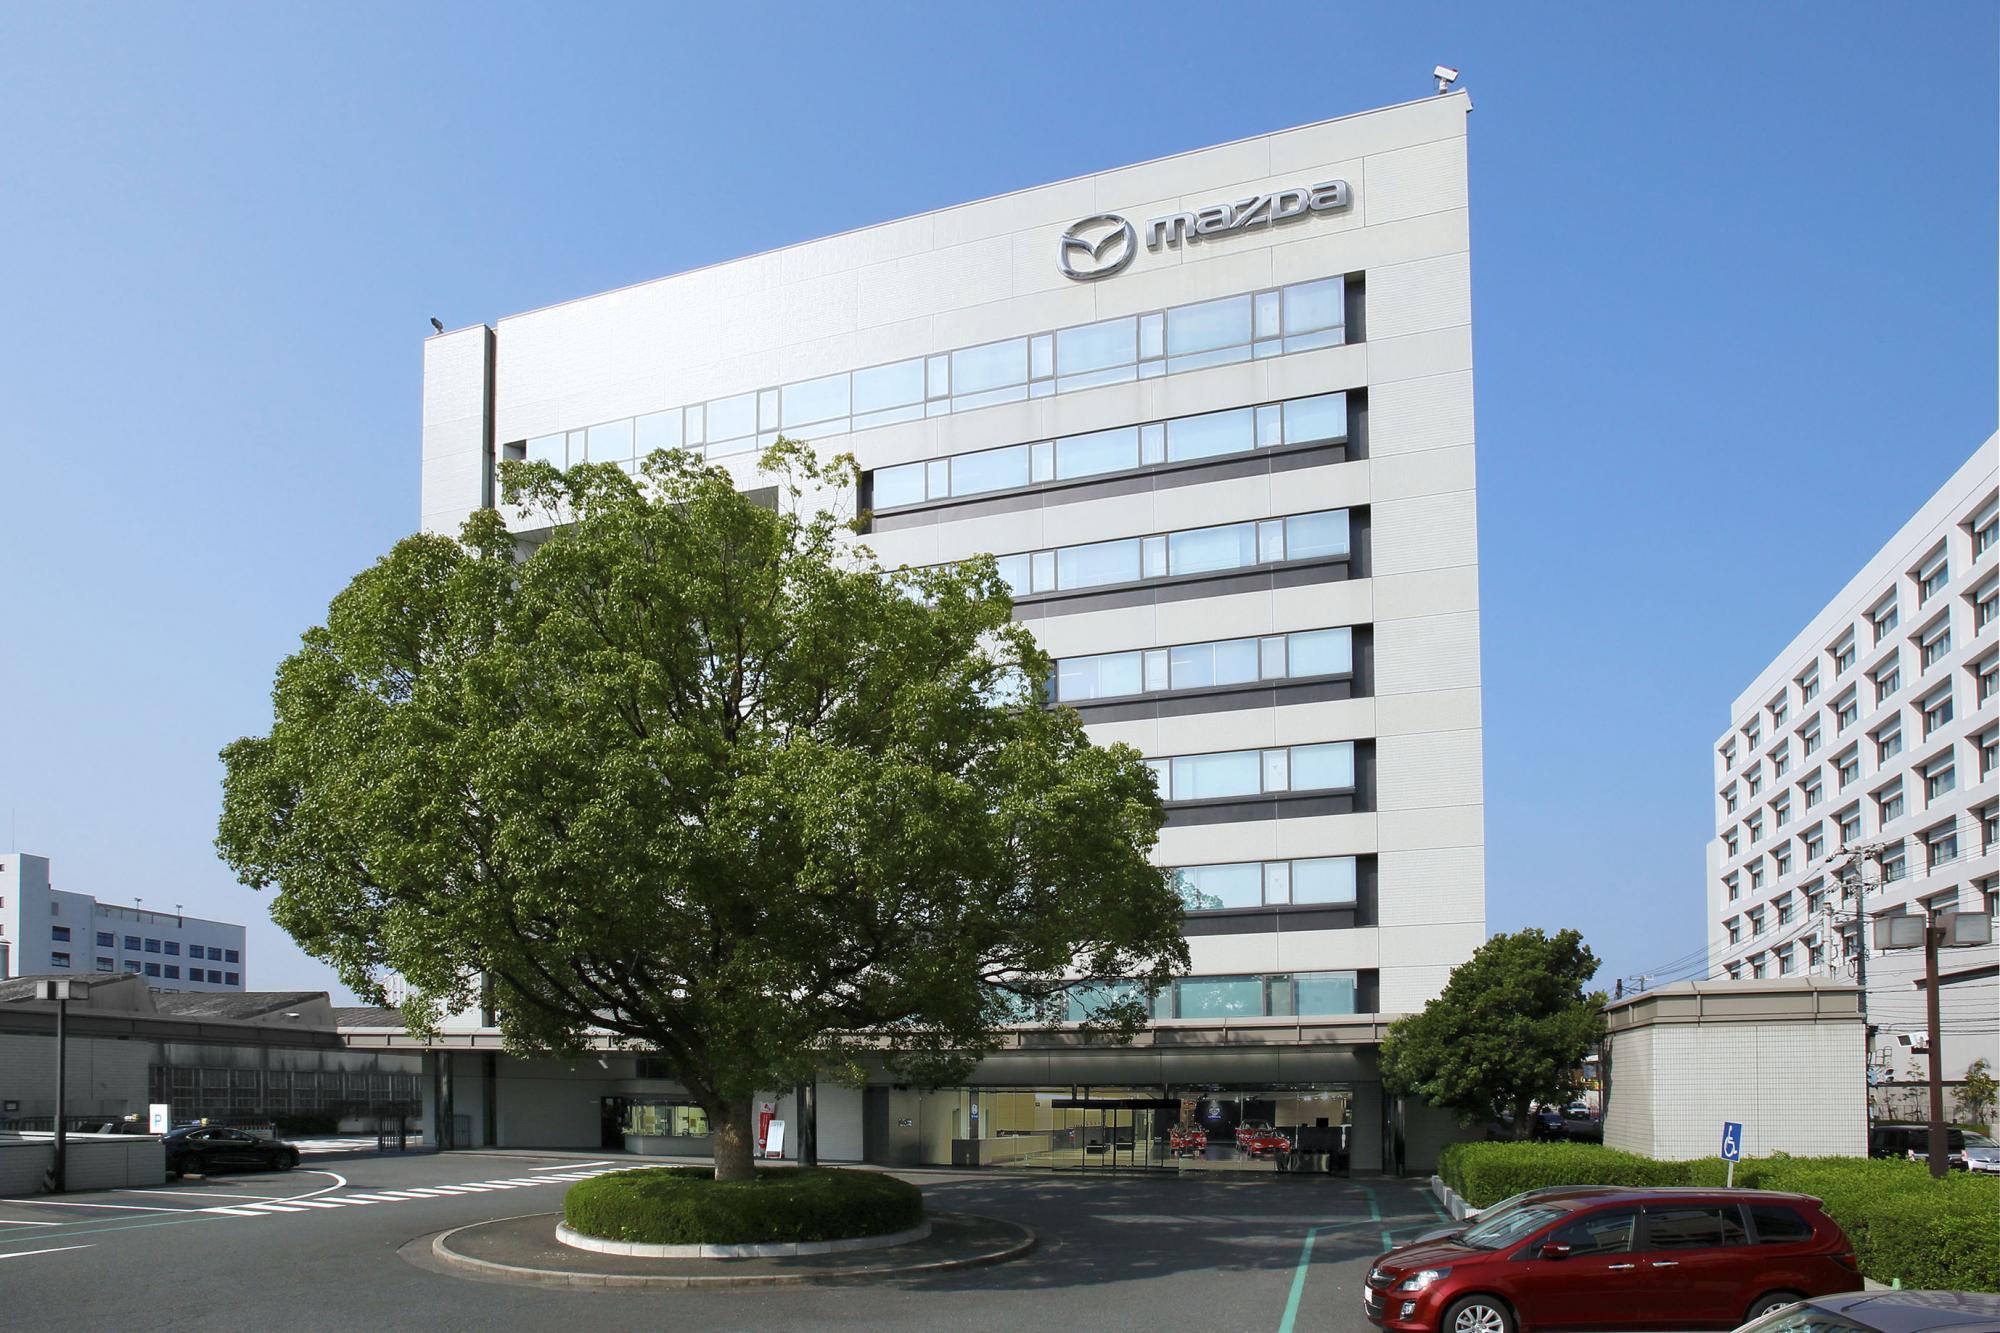 Εξαιρετικά αποτελέσματα πωλήσεων για τη Mazda στην Ευρωπαϊκή αγορά